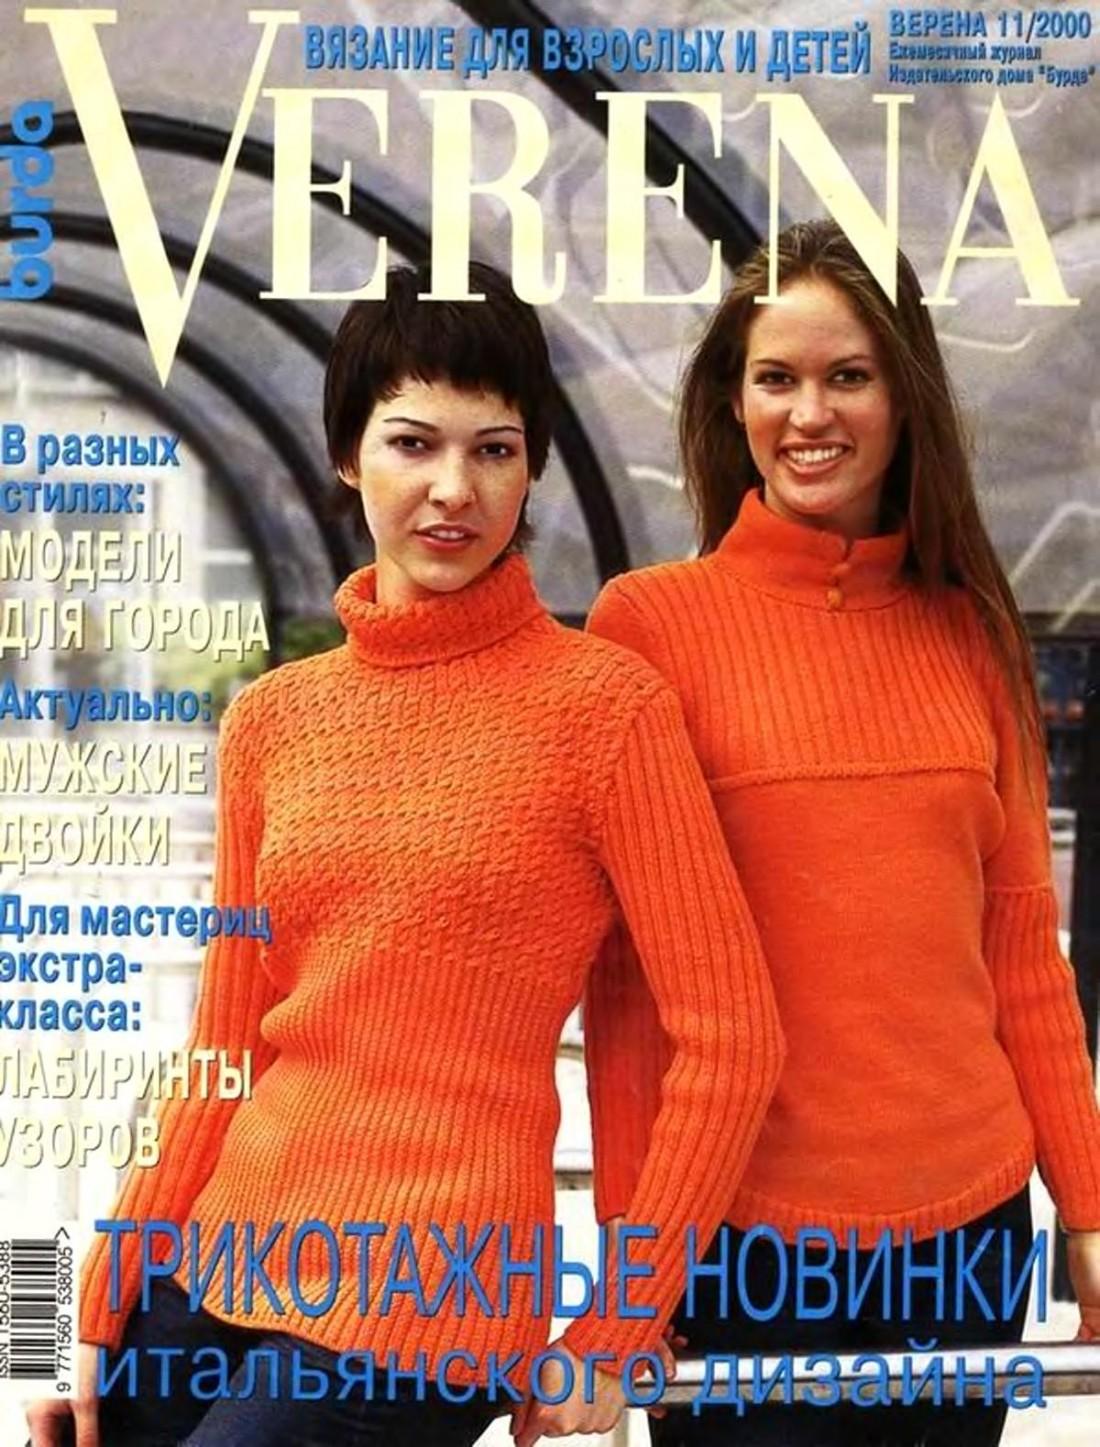 Verena-2000-11_1.jpg